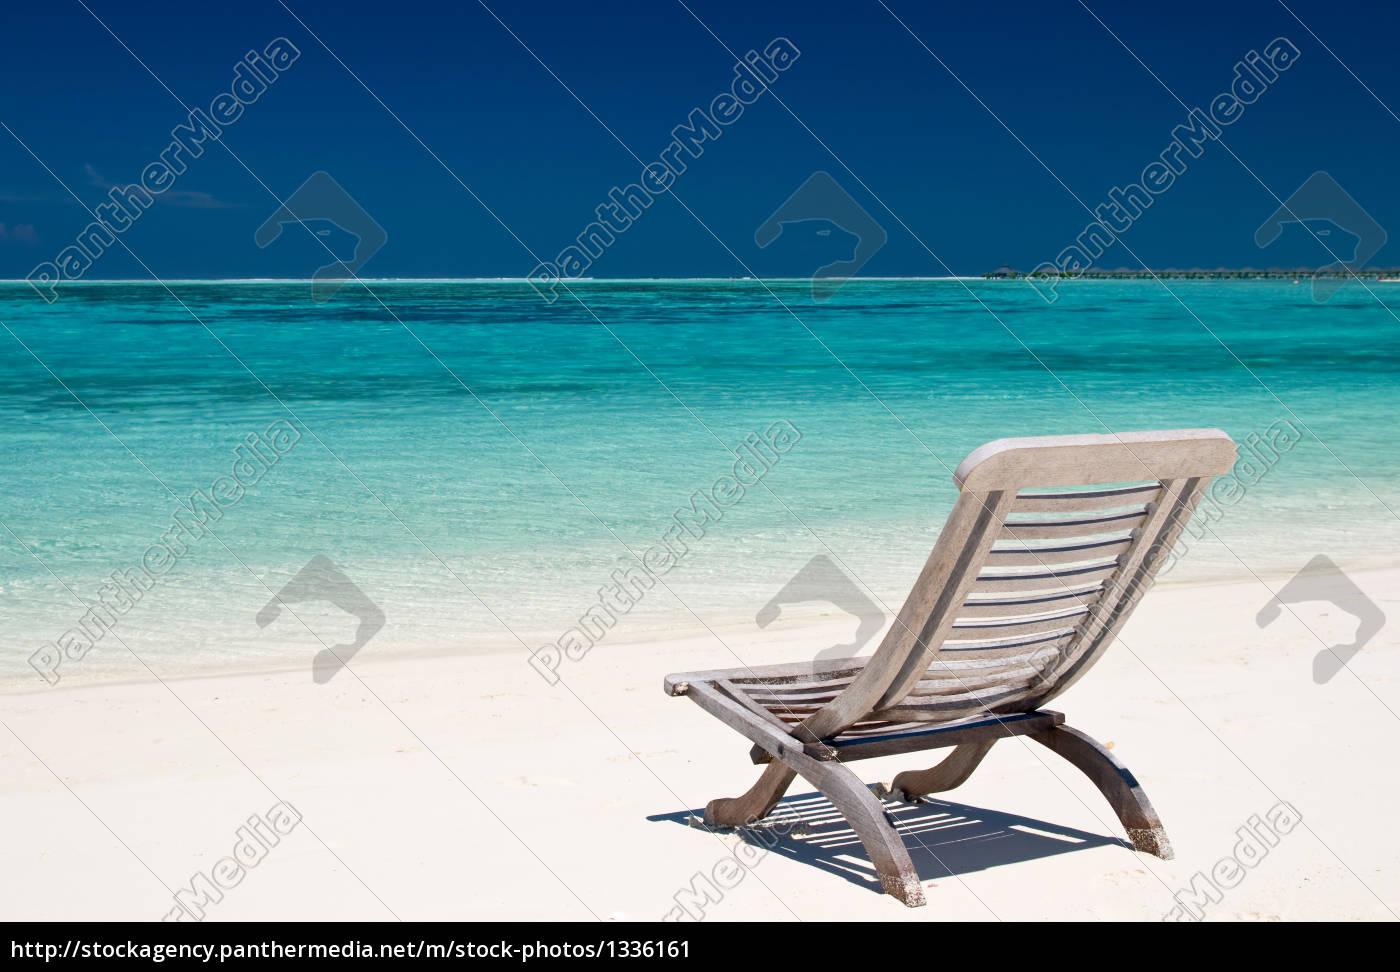 deck, chair - 1336161